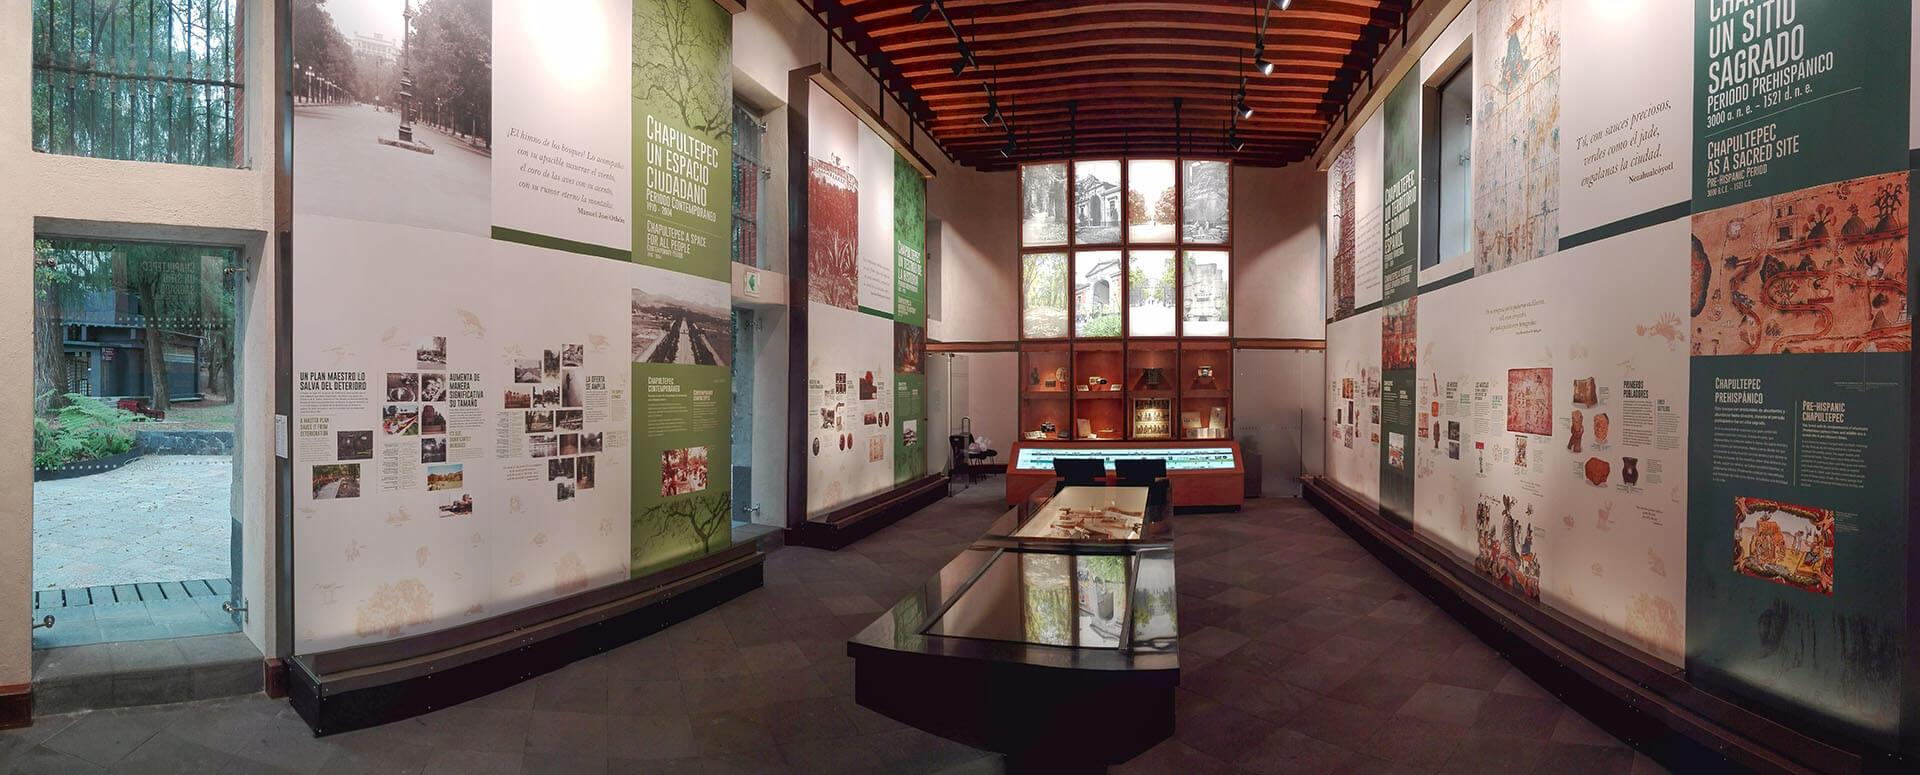 diseño industrial, mobiliario - Museo de Sitio y Centro de Visitantes del Bosque de Chapultepec, fabricación, mobiliario museográfico, diona